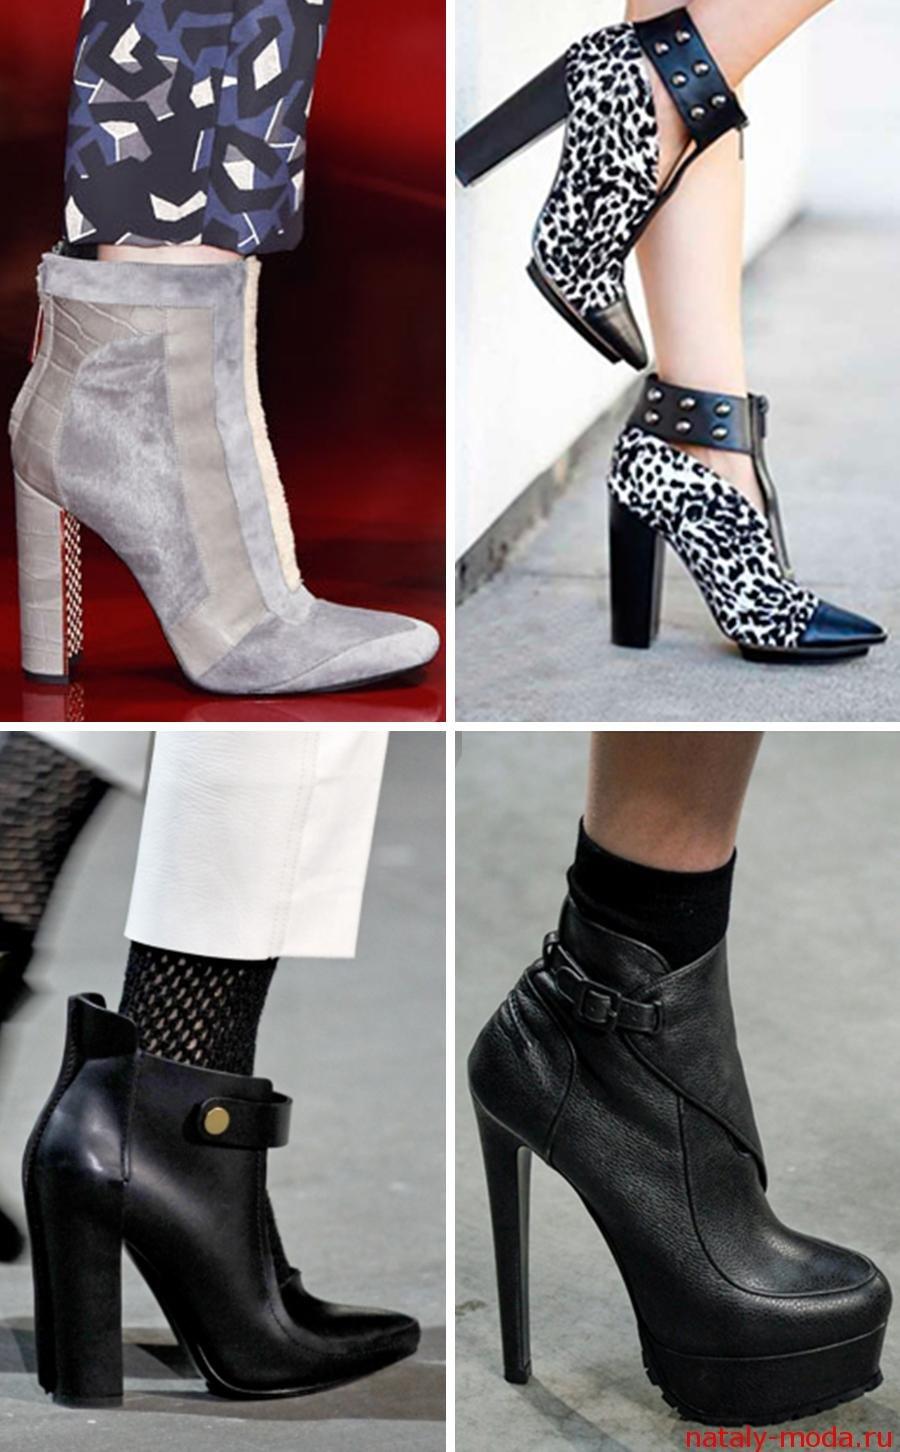 Какая осенняя обувь в моде фото